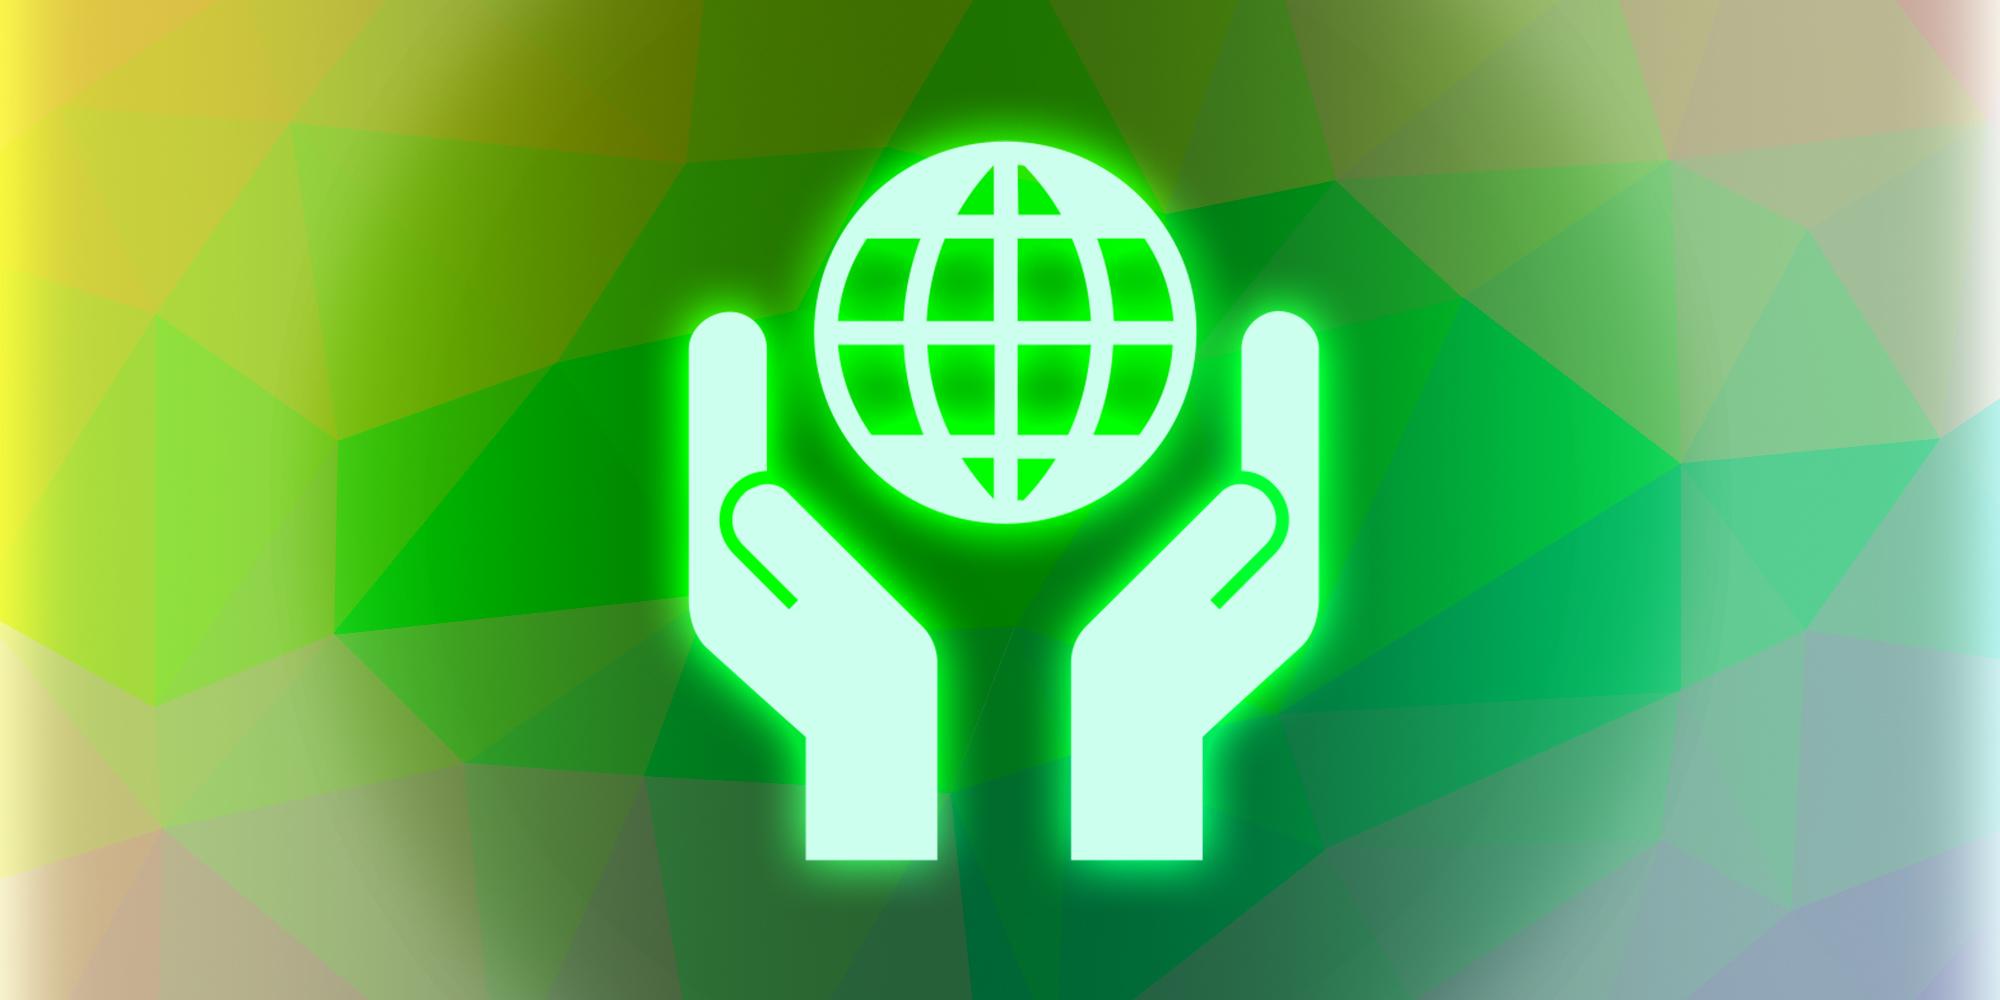 014_Support Social Change.jpg